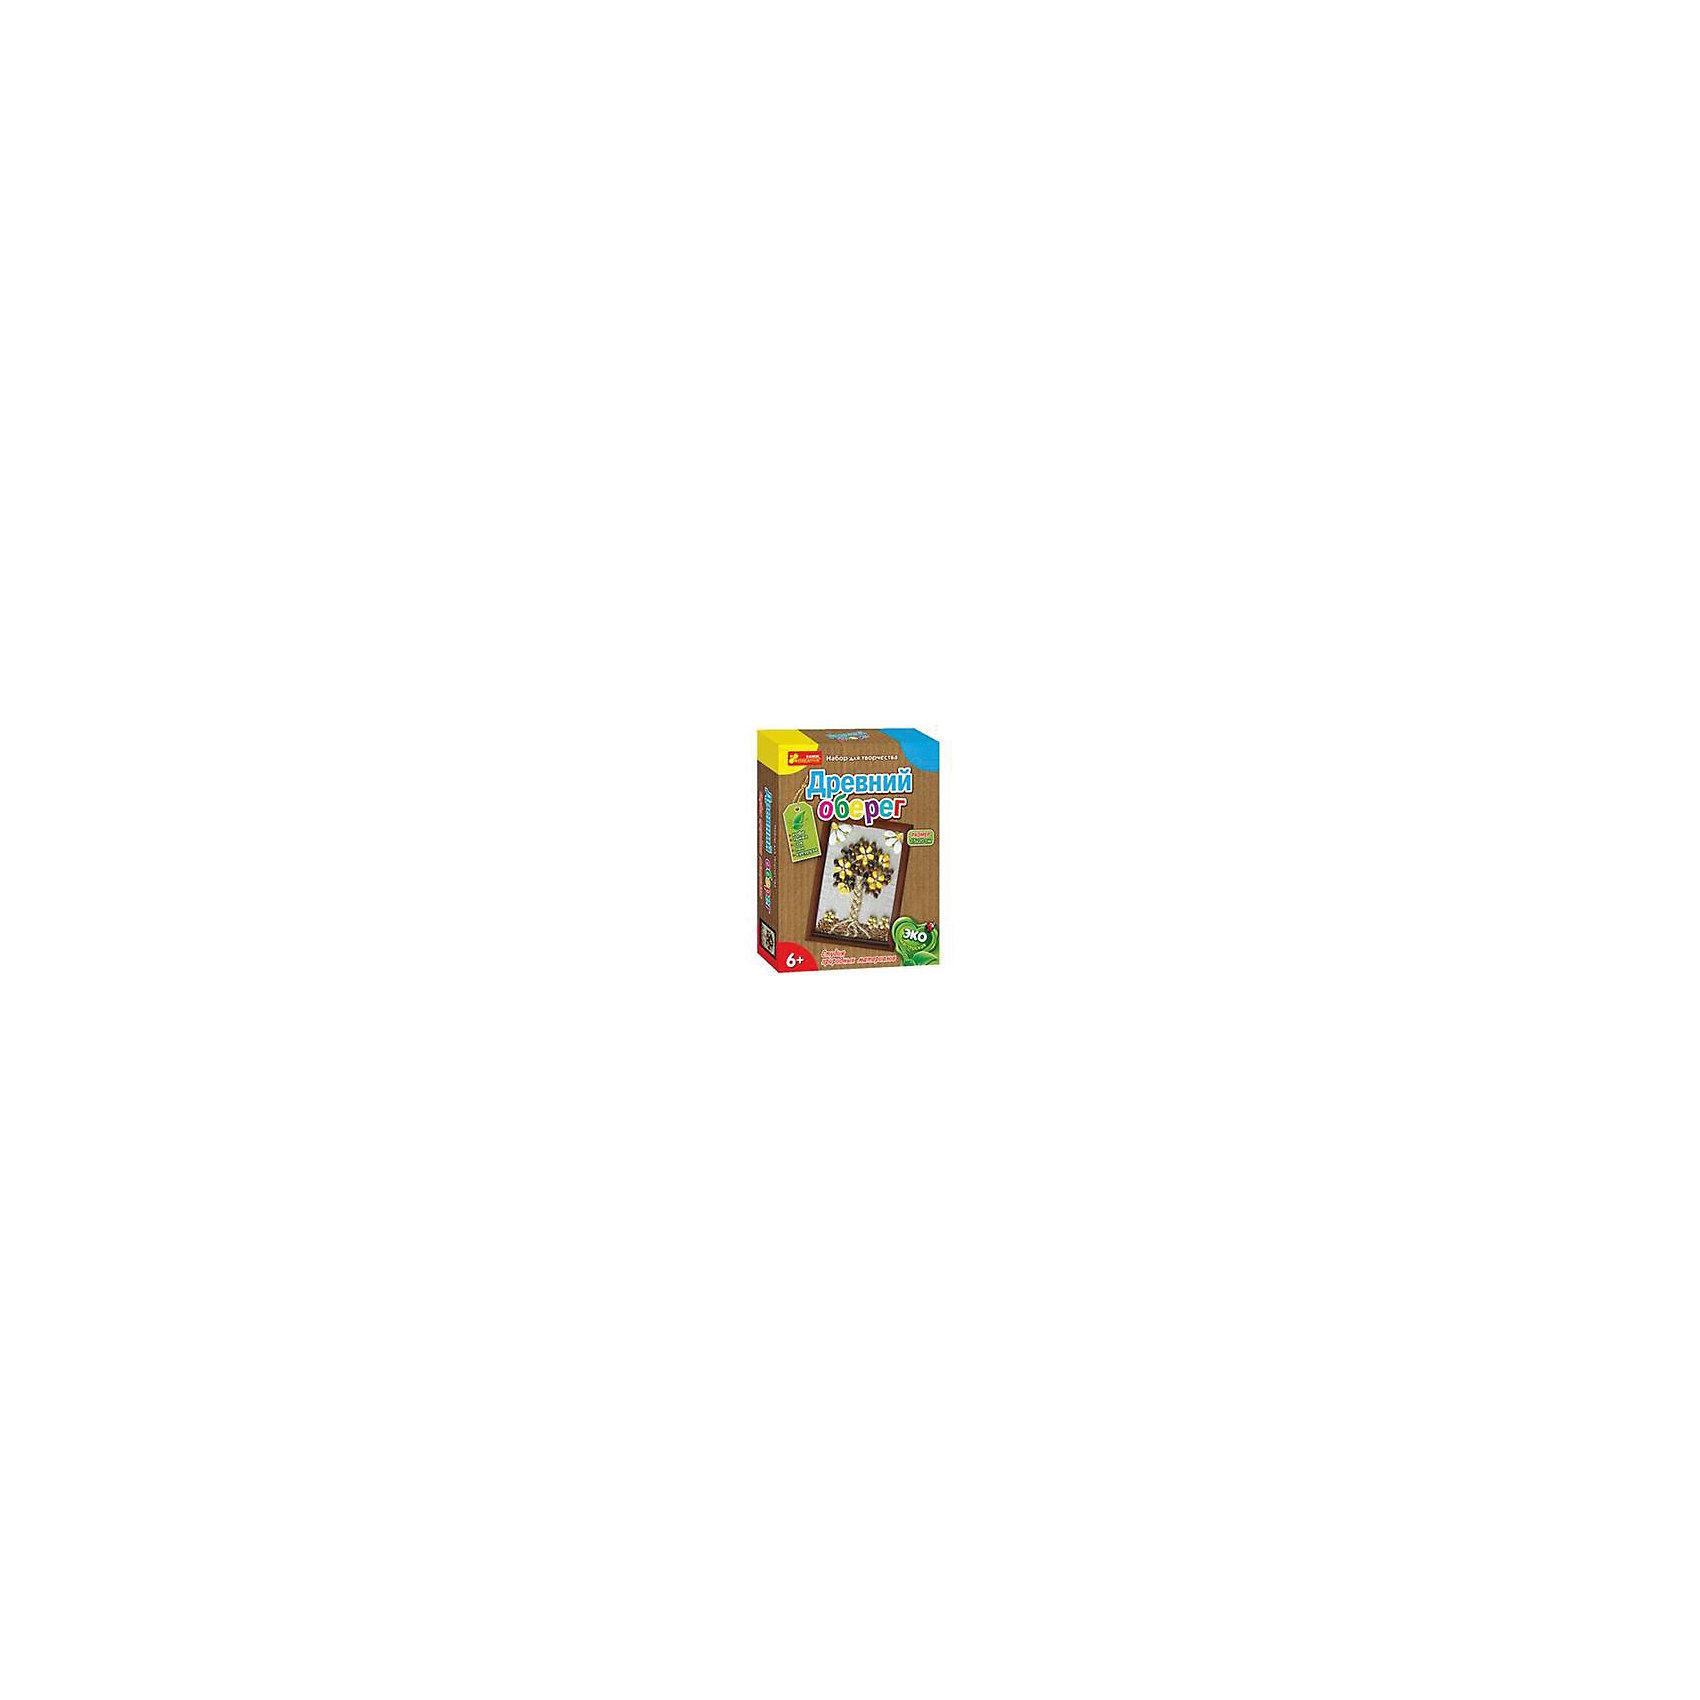 Наборы для творчества, Древний оберег (Н)Характеристики:<br><br>• Предназначение: для занятий творчеством<br>• Пол: для девочек<br>• Комплектация: рамка, ткань, кофейные и кукурузные зерна, семена сои, тыквы, льна, бусинки, шпагат, леска, клей ПВА, кисточка, инструкция<br>• Материал: натуральные пищевые компоненты, дерево, текстиль, пластик<br>• Размеры упаковки (Д*Ш*В): 22,5*17*5 см<br>• Вес упаковки: 210 г <br>• Упаковка: картонная коробка<br><br>Наборы для творчества, Древний оберег (Н) от компании Ranok Creative, специализирующейся на производстве товаров для организации творческого досуга детей разного возраста, предназначены для создания панно в технике аппликации из натуральных компонентов. Набор состоит из материалов, инструментов и приспособлений для создания объемного дерева. Все материалы, использованные в наборе, имеют натуральную основу, они нетоксичны и безопасны. Набор Древний оберег (Н) от компании Ranok Creative позволяет создать своими руками оригинальное интерьерное украшение или подарок для родных к празднику. Творческие занятия с наборами от Ranok Creative способствуют развитию у детей креативного мышления, изысканного вкуса и формируют ценность ручного труда.<br><br>Наборы для творчества, Древний оберег (Н) можно купить в нашем интернет-магазине.<br><br>Ширина мм: 220<br>Глубина мм: 50<br>Высота мм: 170<br>Вес г: 400<br>Возраст от месяцев: 72<br>Возраст до месяцев: 180<br>Пол: Женский<br>Возраст: Детский<br>SKU: 5212542